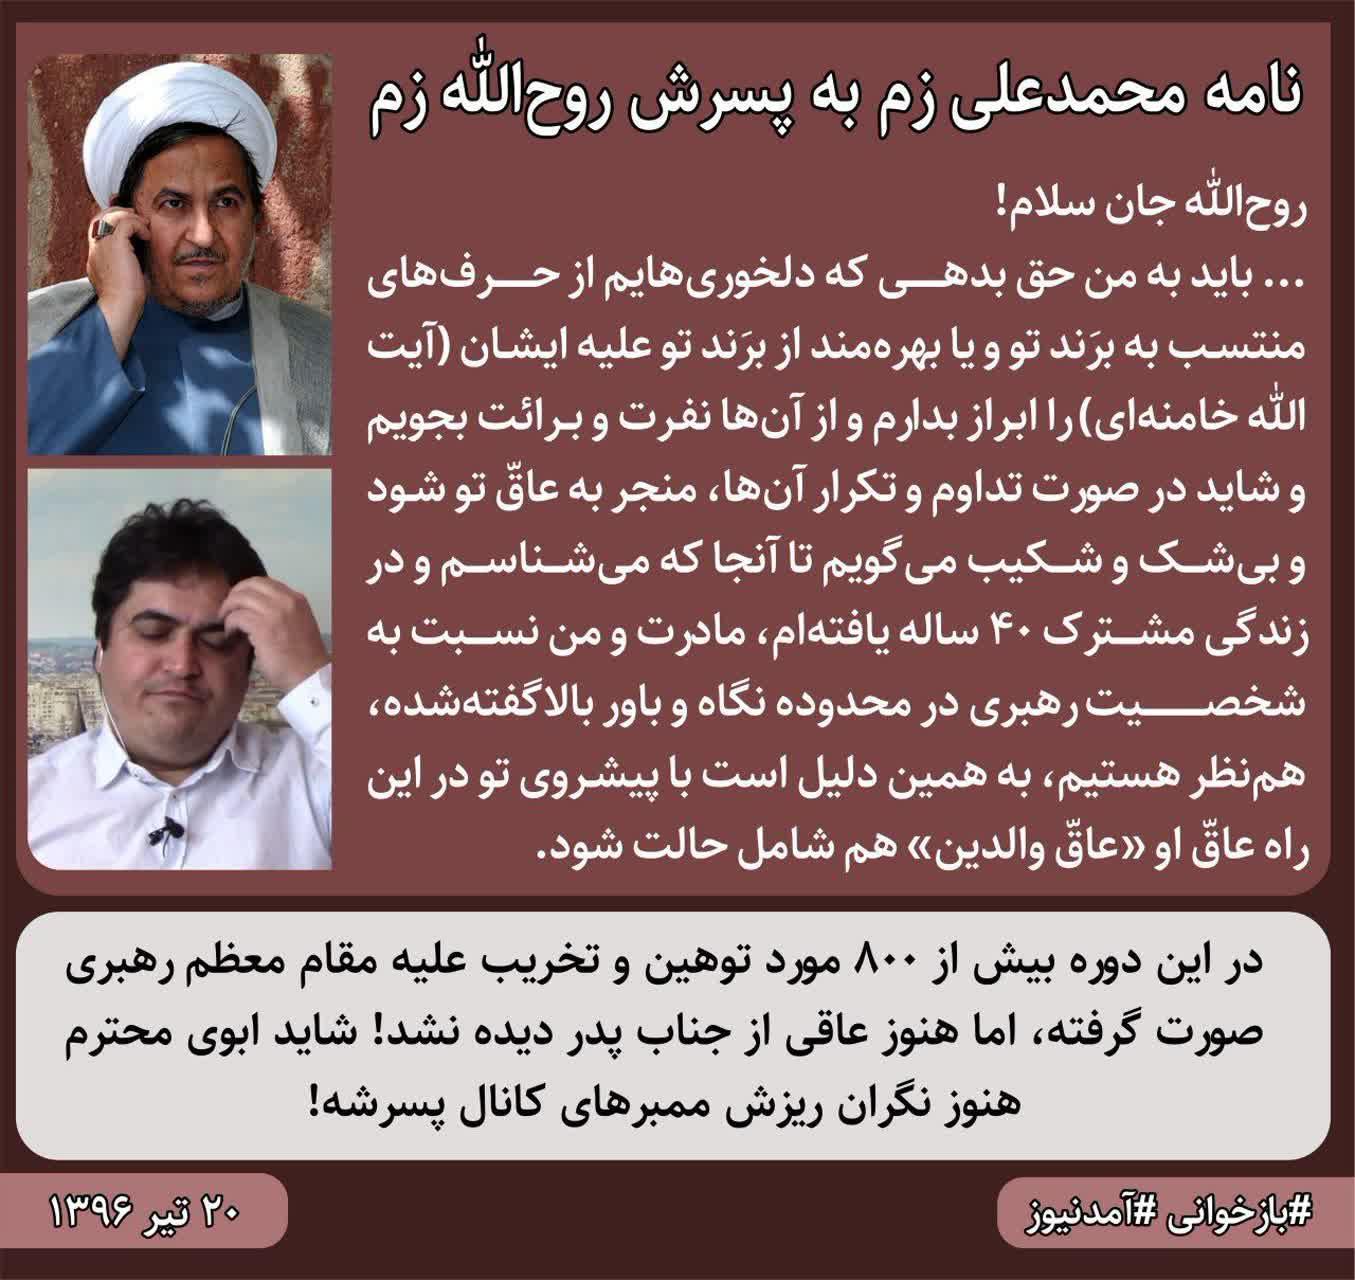 amadnews%20%2827%29 شکایت وزیر اطلاعات از حسن عباسی به بهانه بیان ارتباط و رابطه آمدنیوز و همچنين وزیر اطلاعات + اسناد